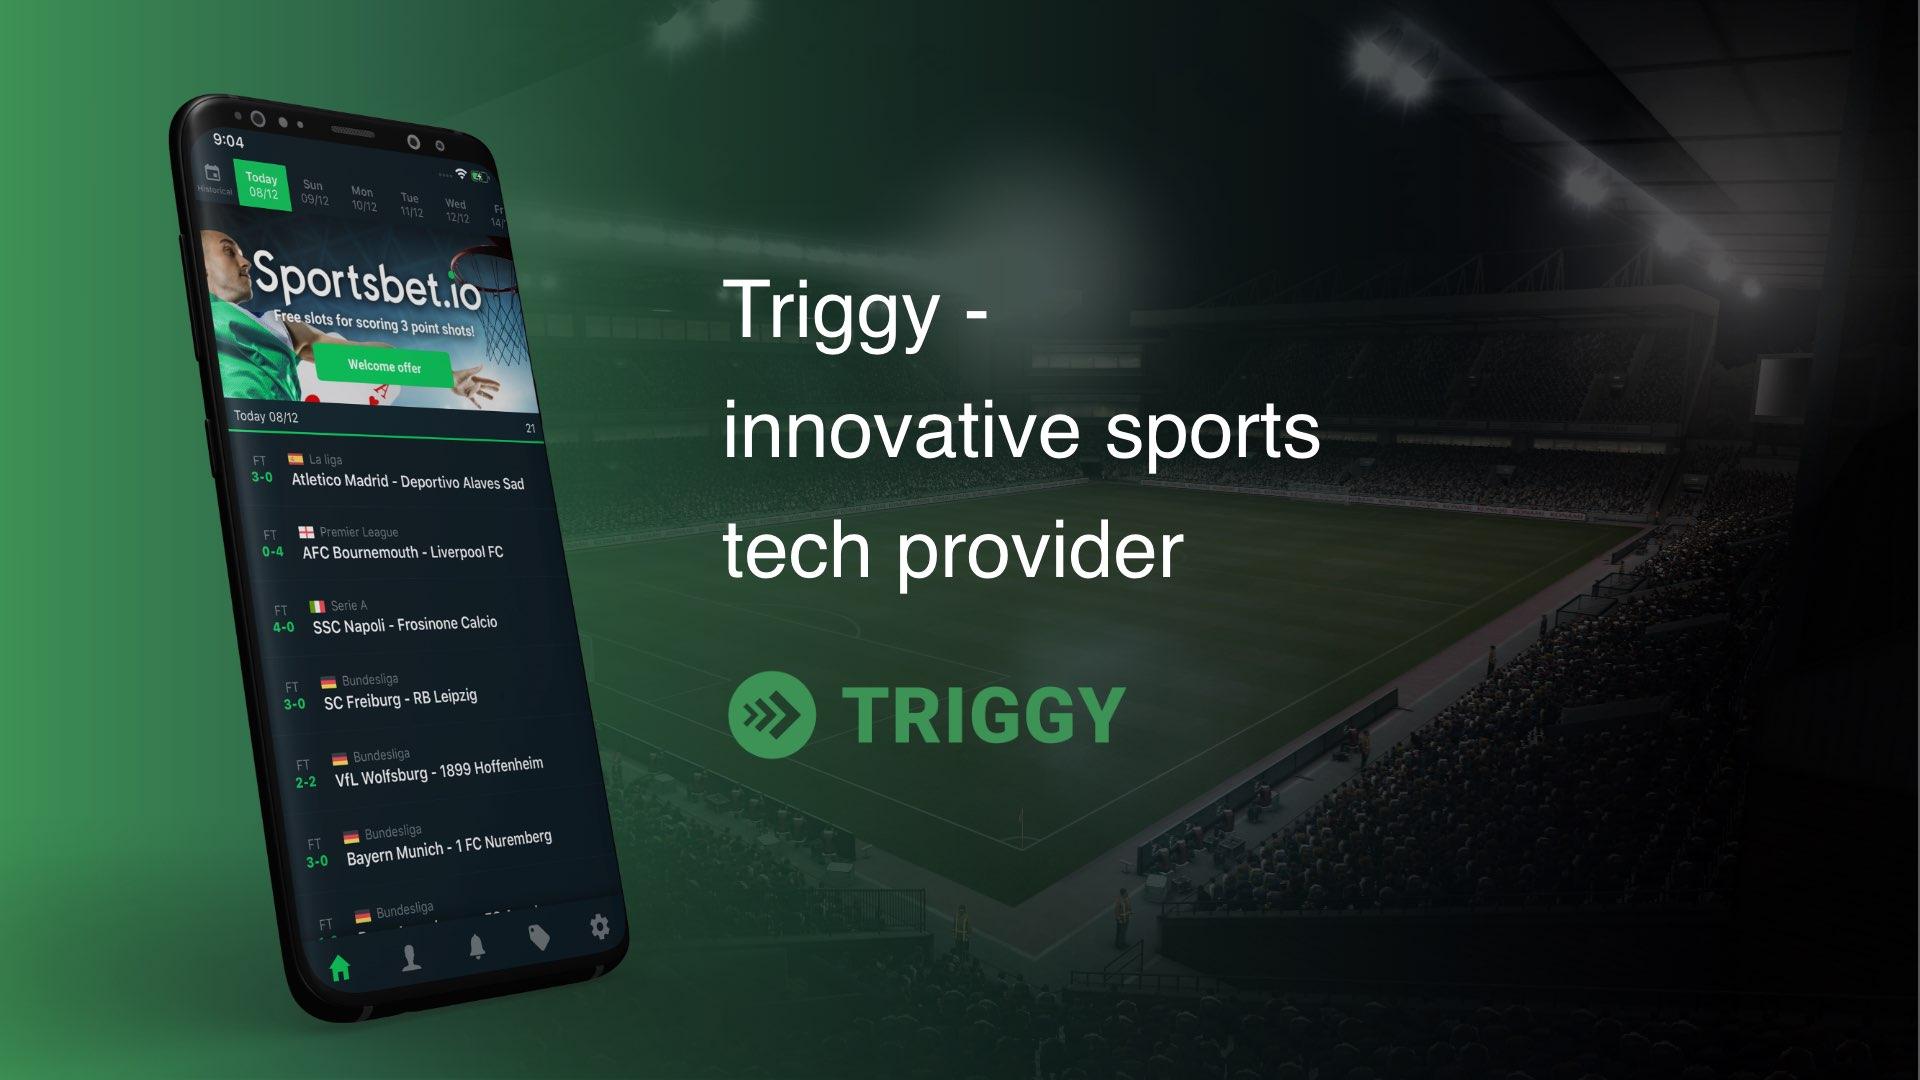 Triggy - innovative sports tech provider